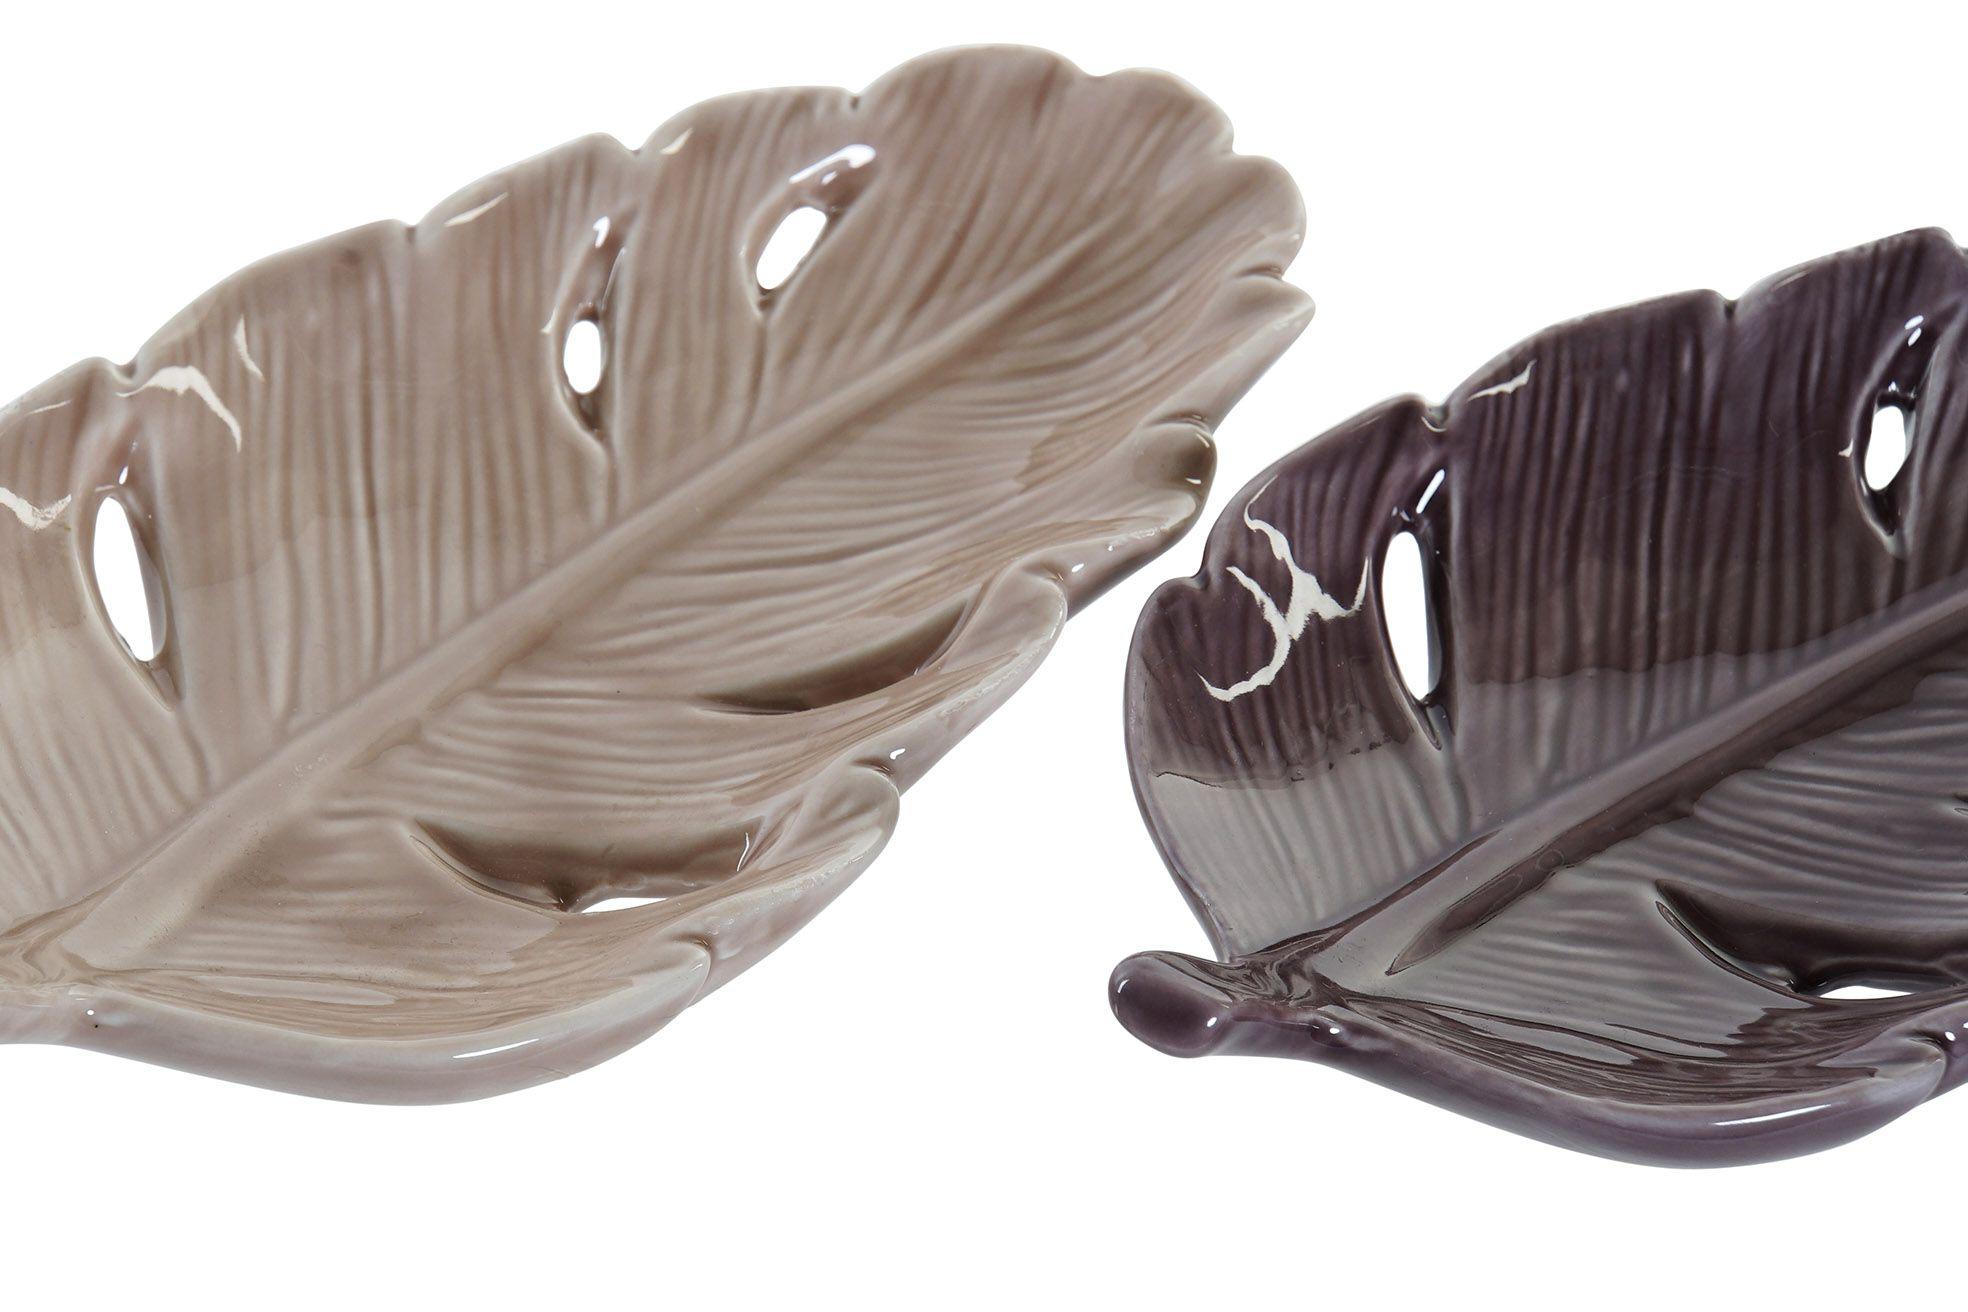 Fad i keramik 28x12x4 cm